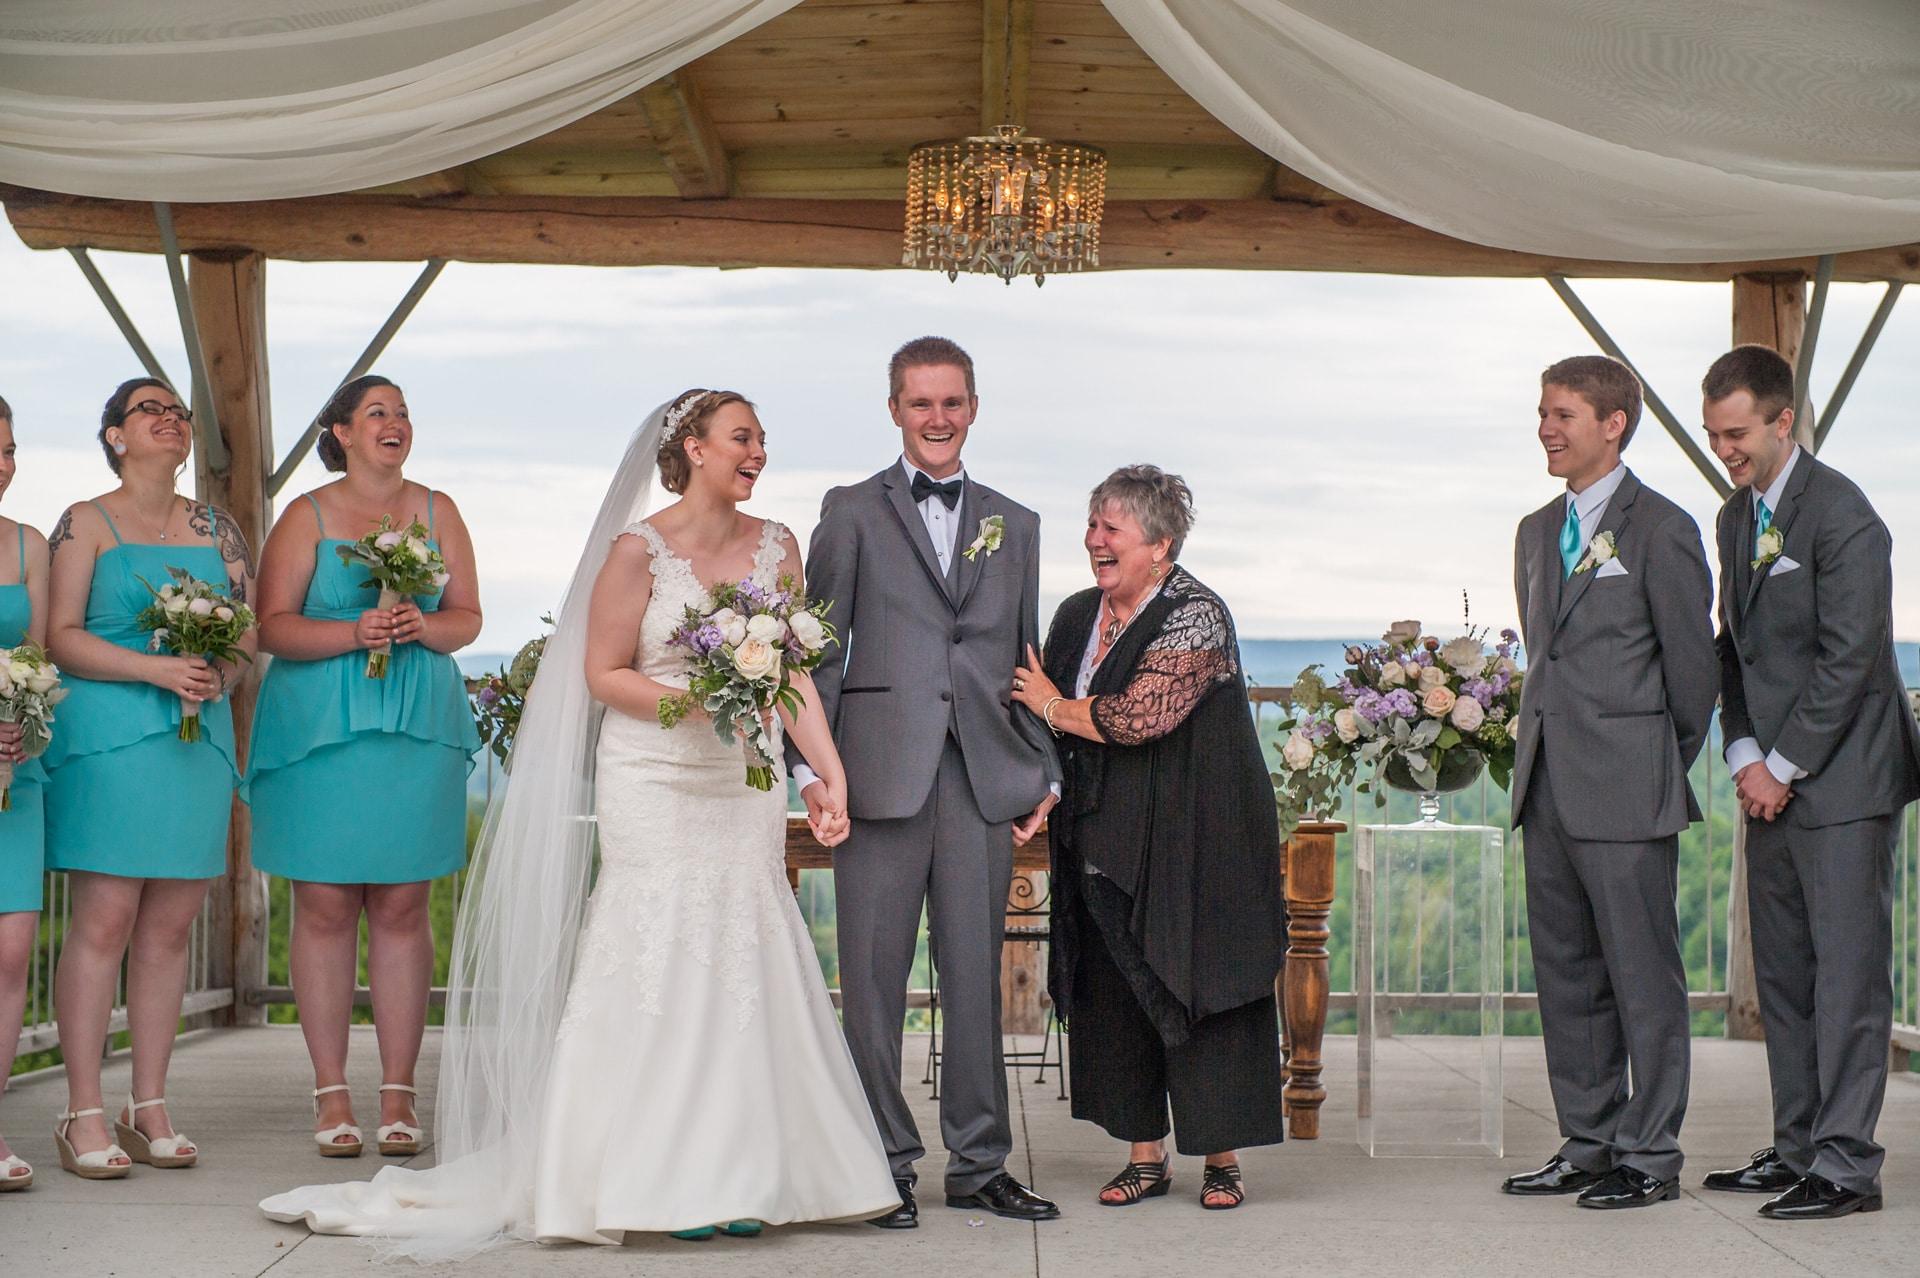 Kelly-&-Scott's-Wedding-Day-109